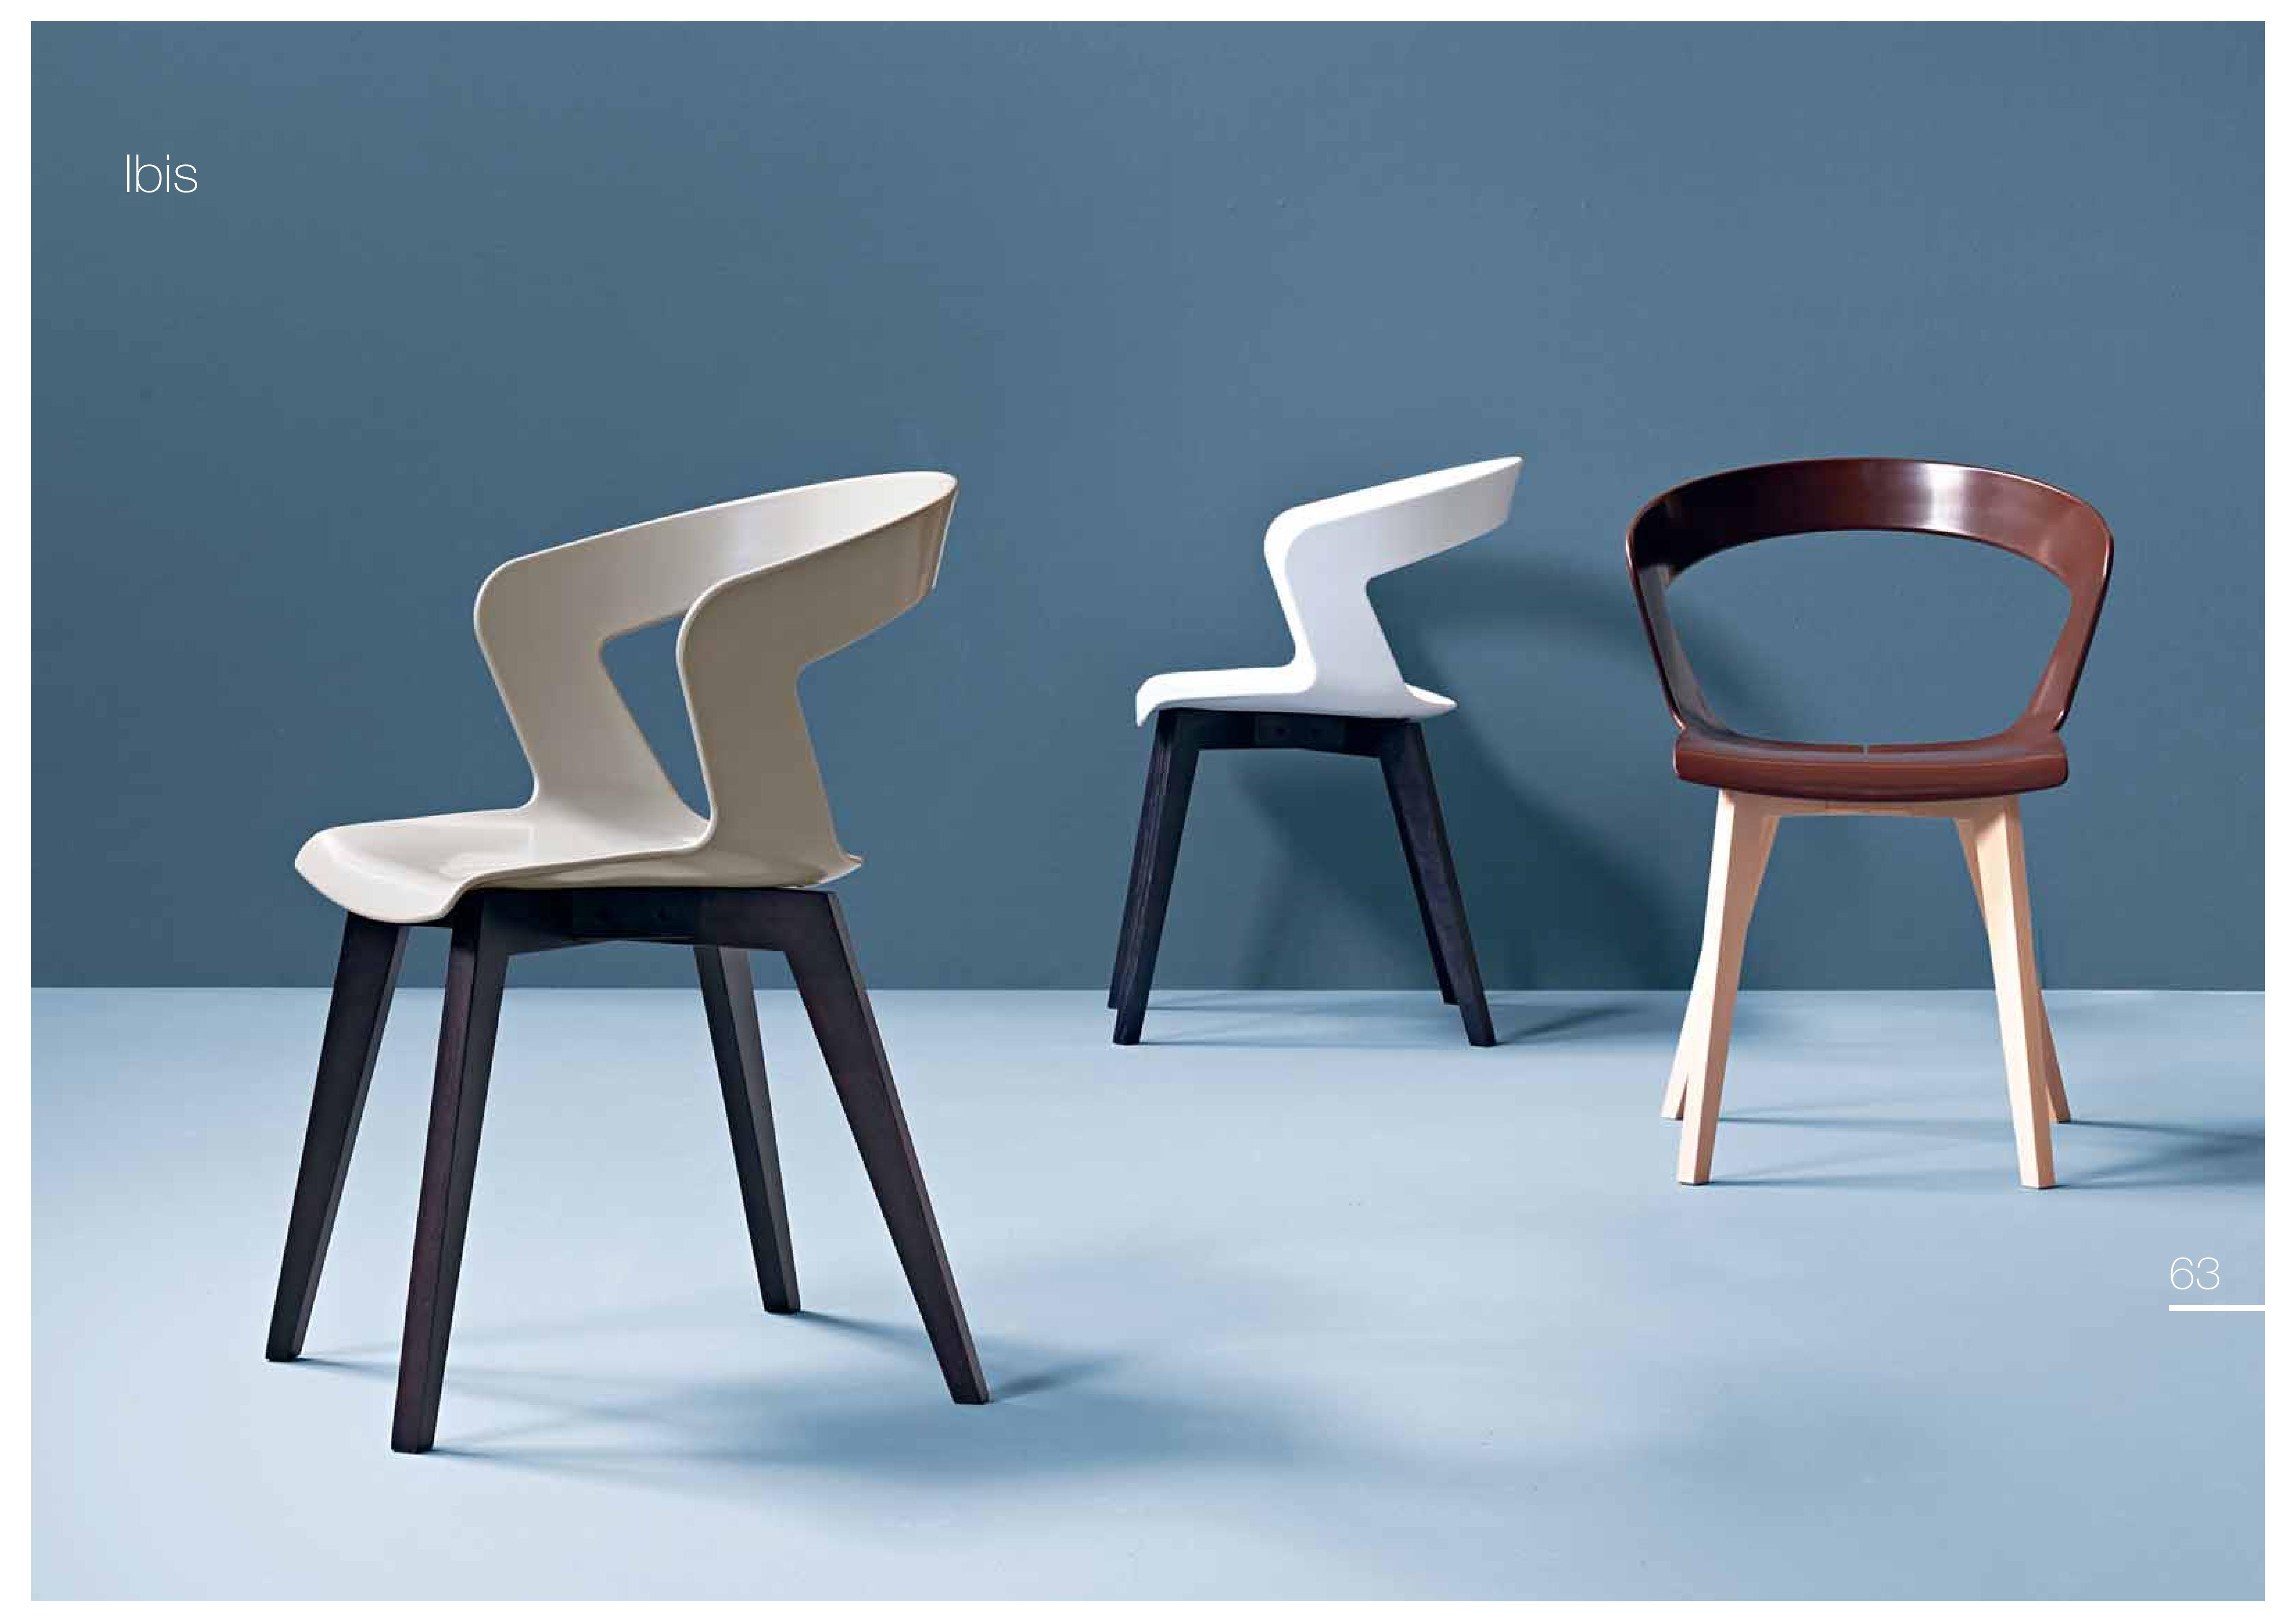 krzesła ibis metalmobil